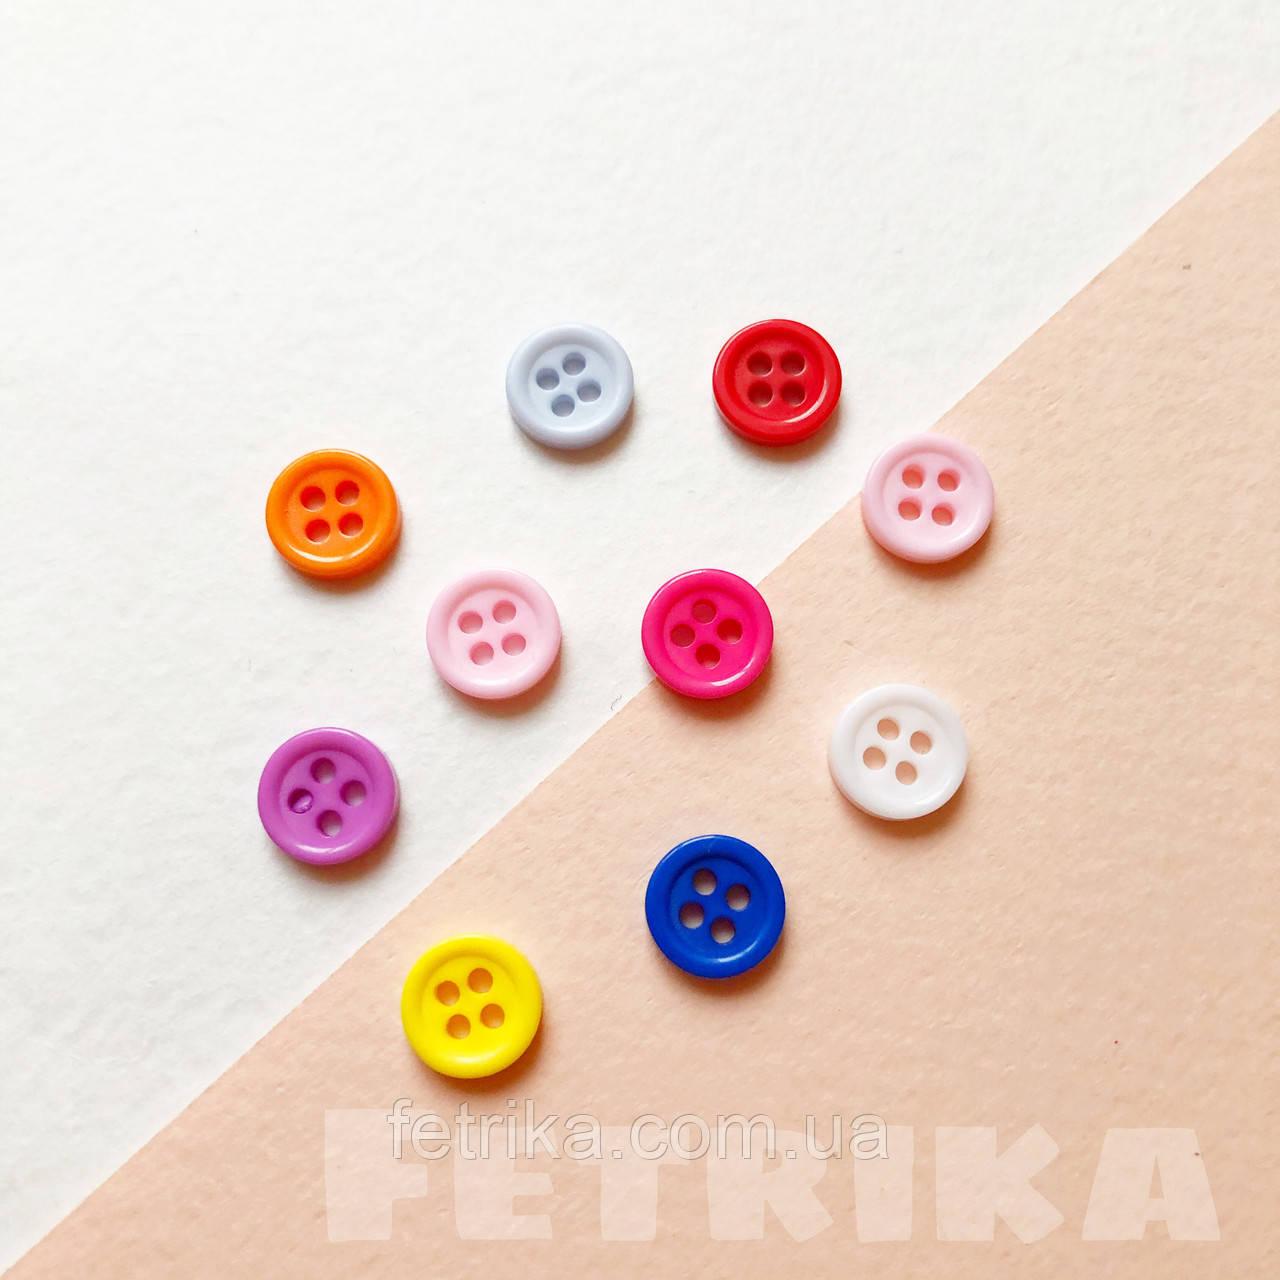 Пуговицы круглые разноцветные пластиковые, Ø 9 мм, 4 отверстия